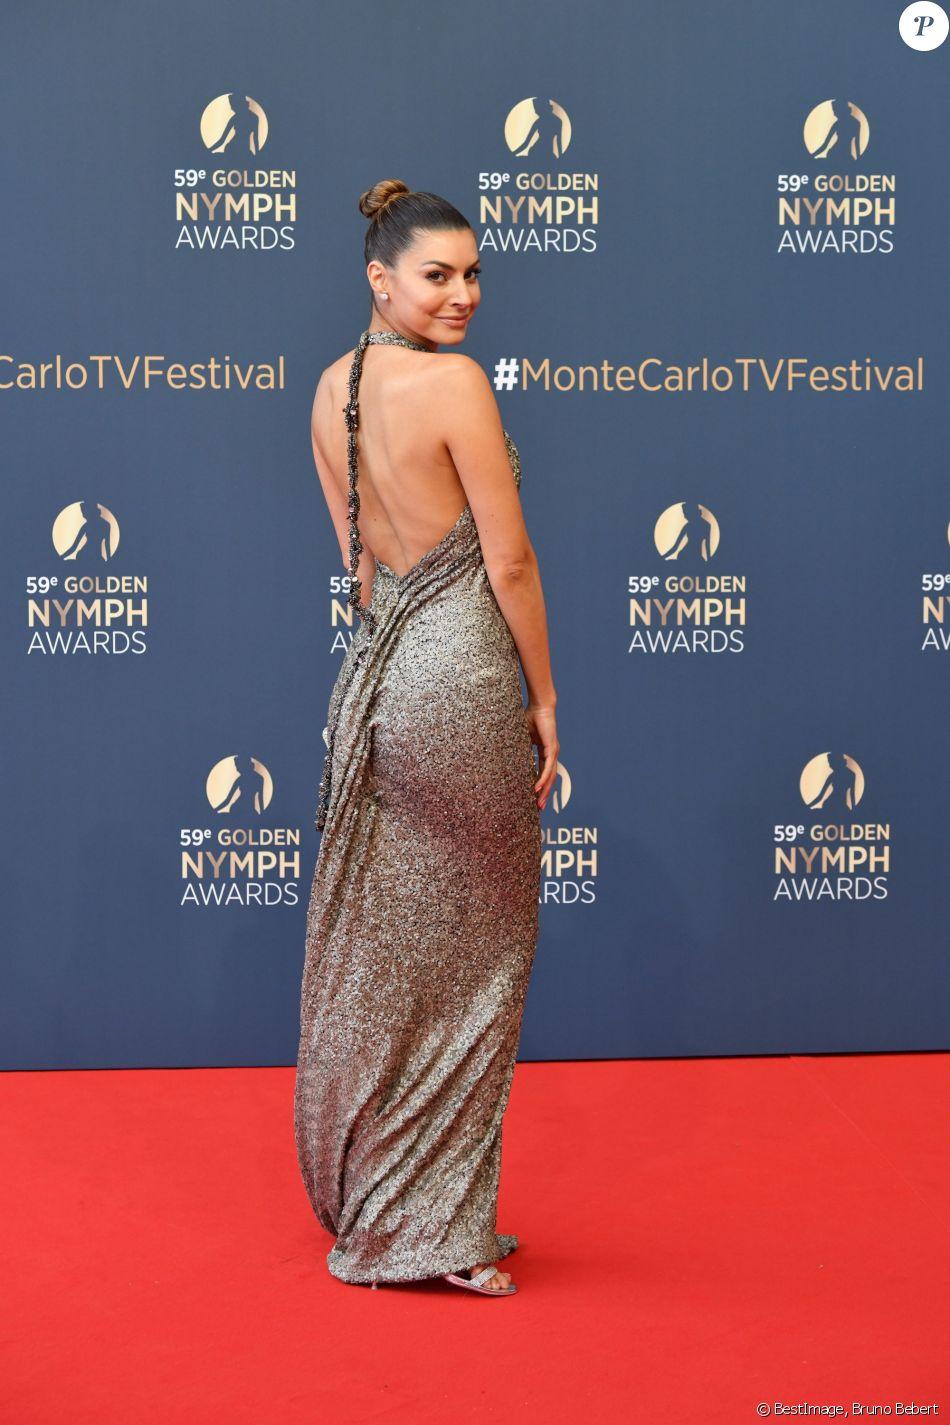 Candice Pascal - Soirée de clôture du 59ème Festival de Télévision de Monte Carlo au Grimaldi Forum à Monaco, le 18 juin 2019. © Bruno Bebert/Bestimage